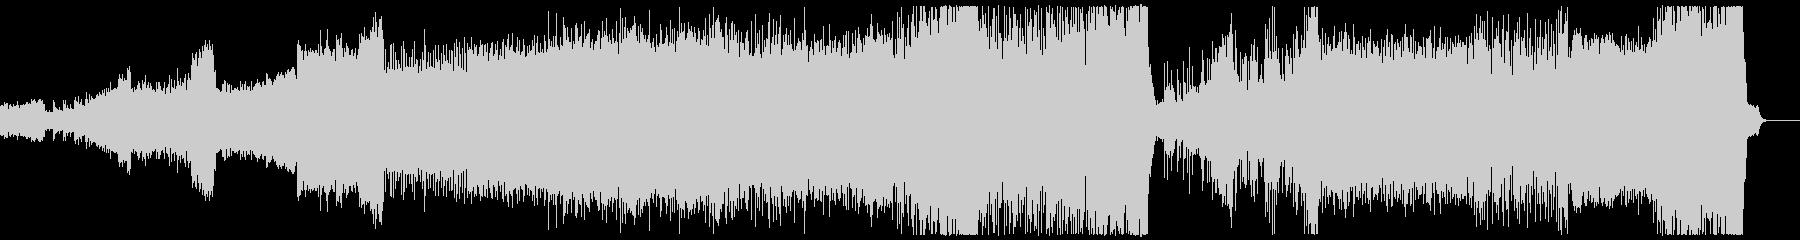 岩戸音階 相撲バトル ハードコアテクノ改の未再生の波形